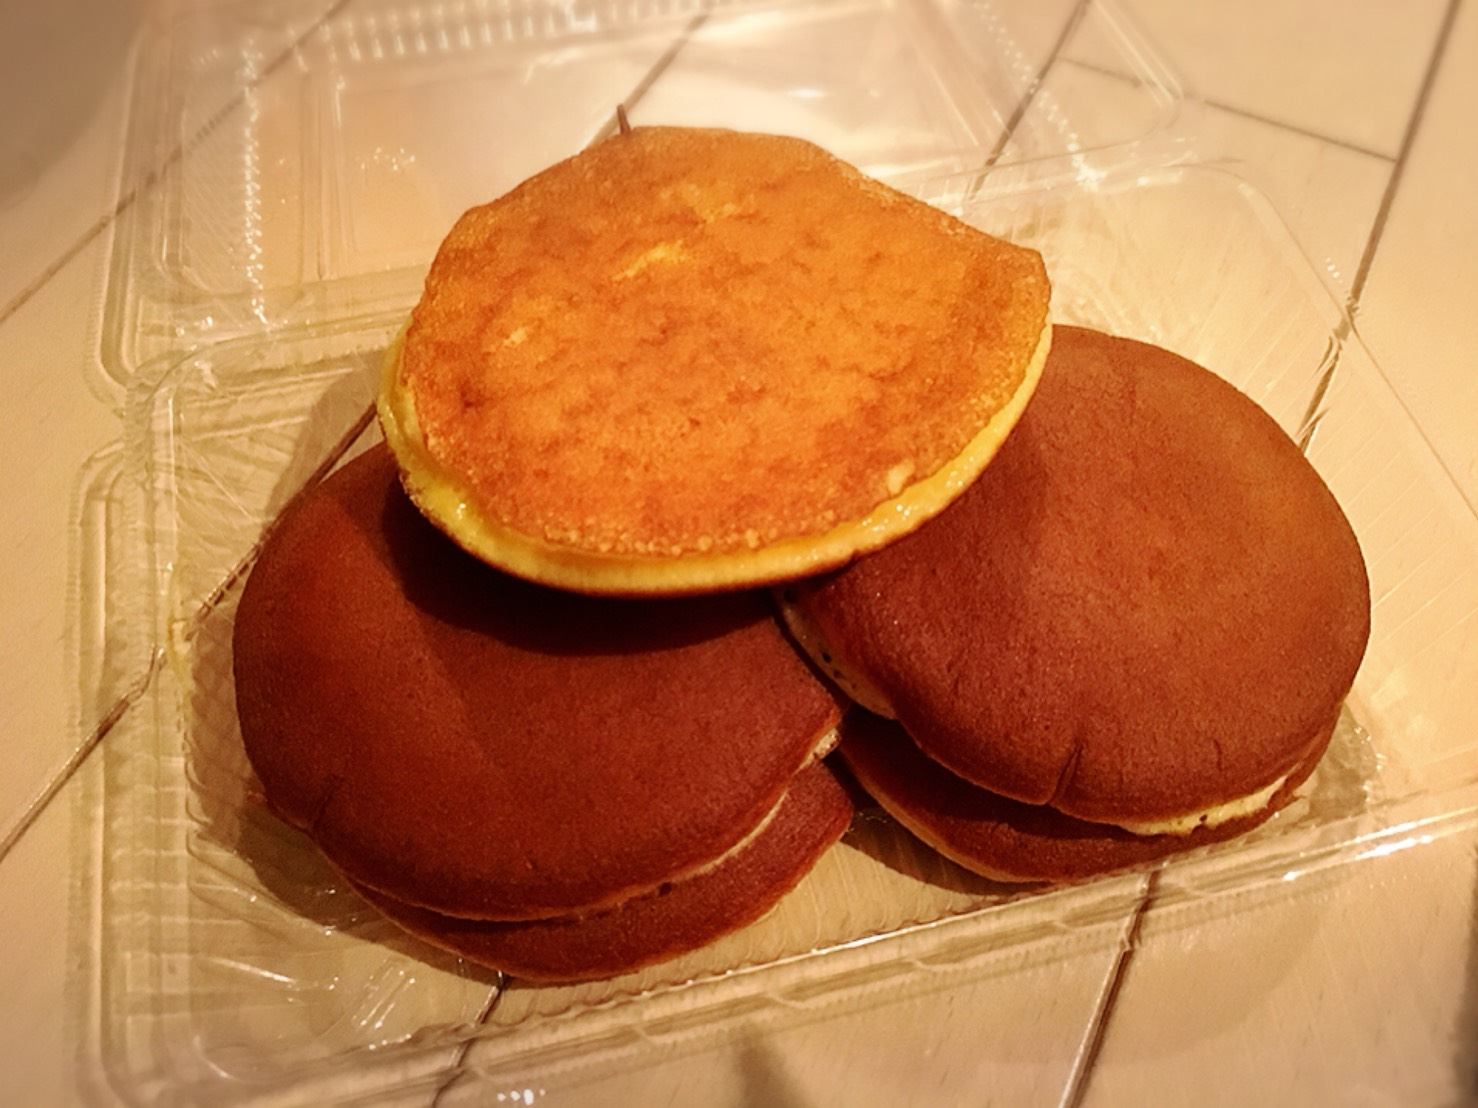 【大塚駅】もなか屋さん「千成もなか本舗」の200円のパンケーキの中